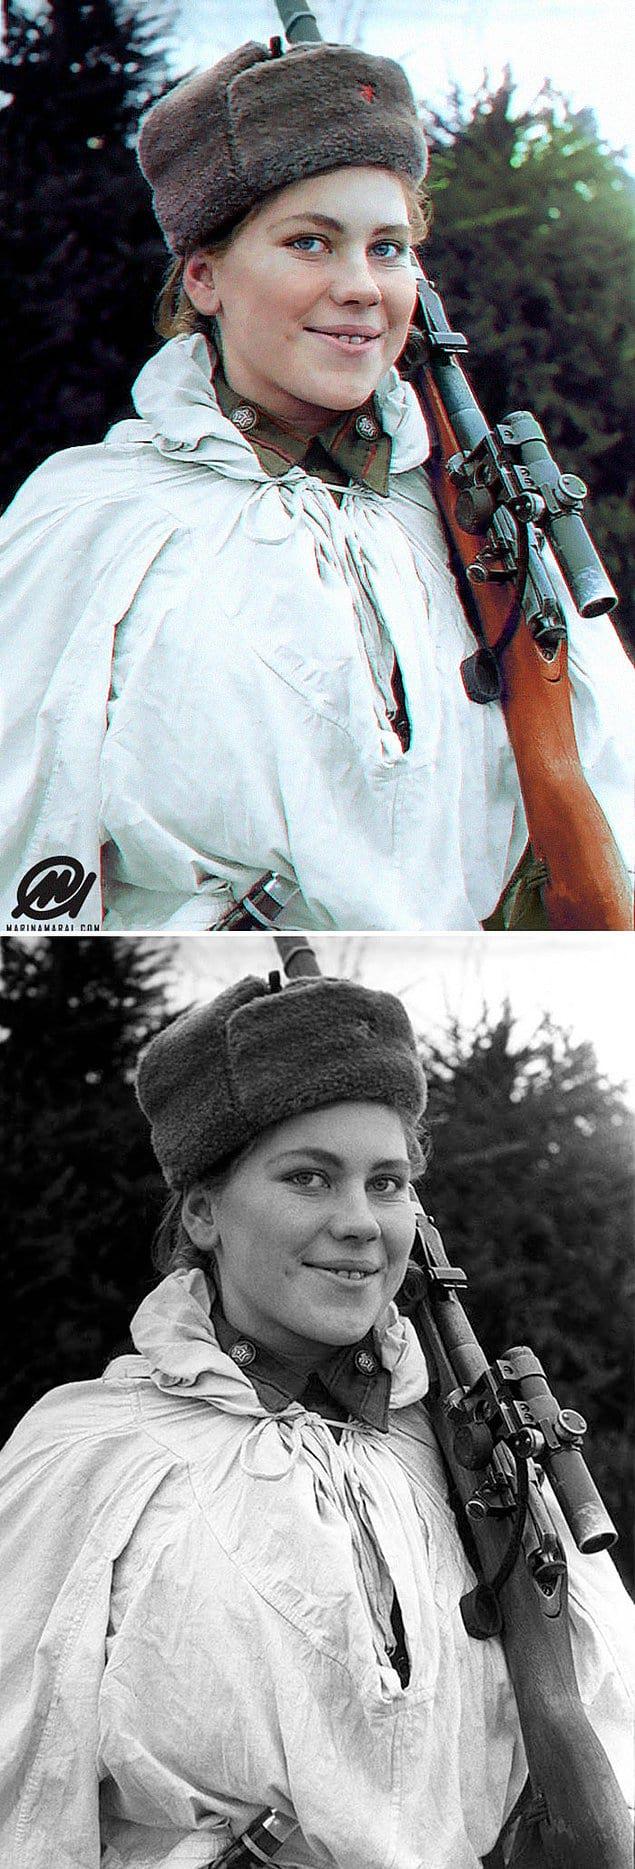 Роза Шанина - советский снайпер, принимавшая участие во Второй мировой войне.